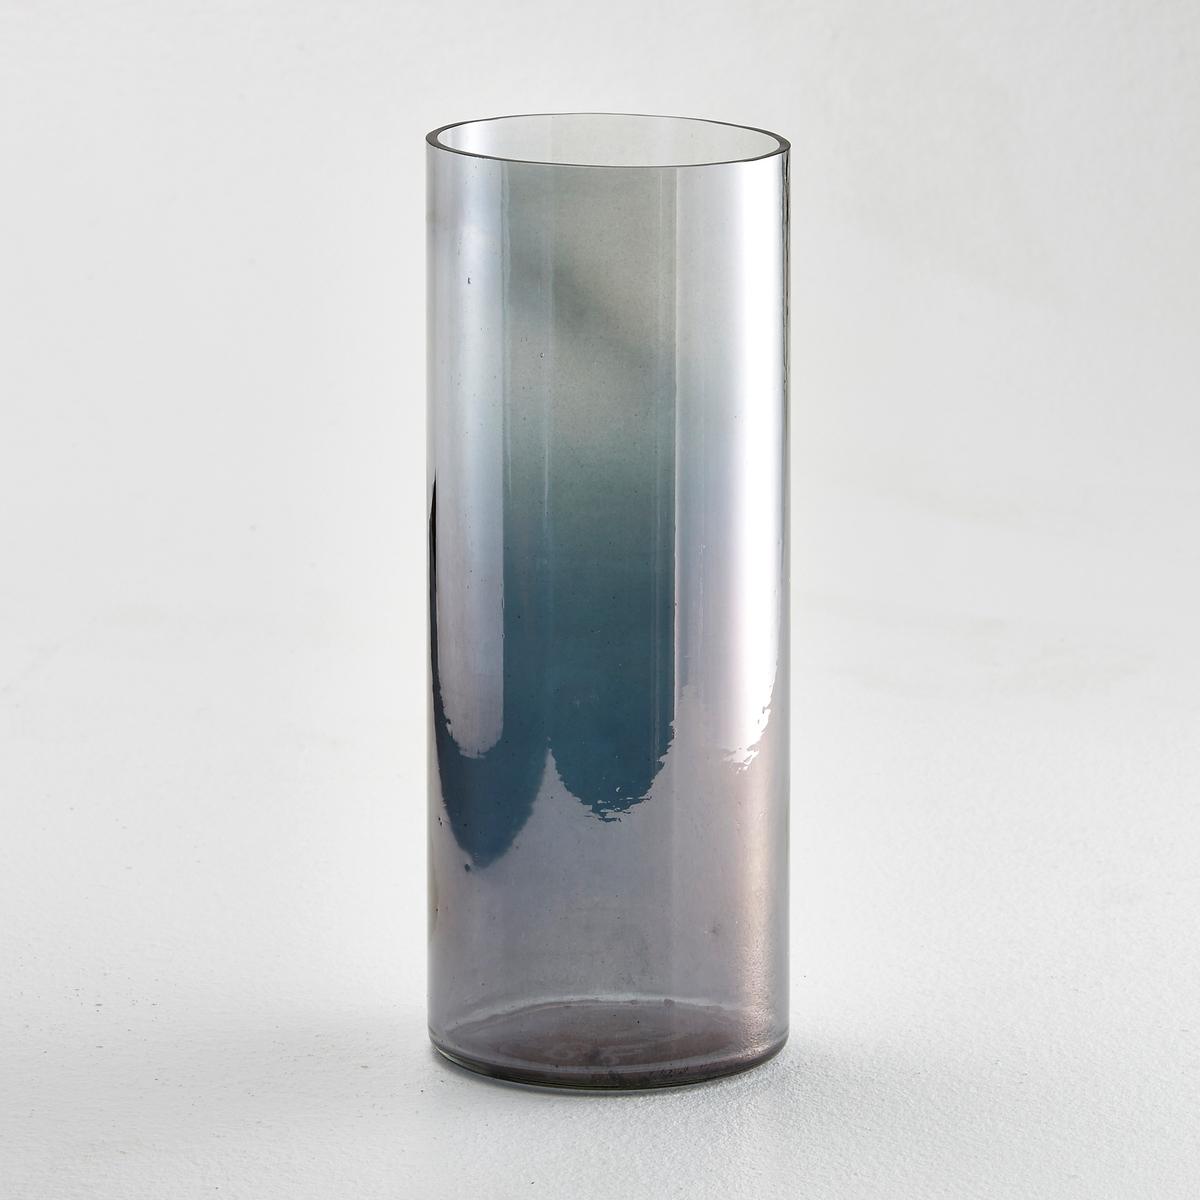 Ваза декоративная, GradaХарактеристики вазы Grada :Ваза из градиентного стекла. 2 варианта расцветки : янтарная и серая.4 защитные наклейки снизу.Размеры вазы Grada :Высота : 25 смДиаметр : 10 смДругие формы и расцветки вы найдёте на laredoute.ru<br><br>Цвет: серый,янтарь